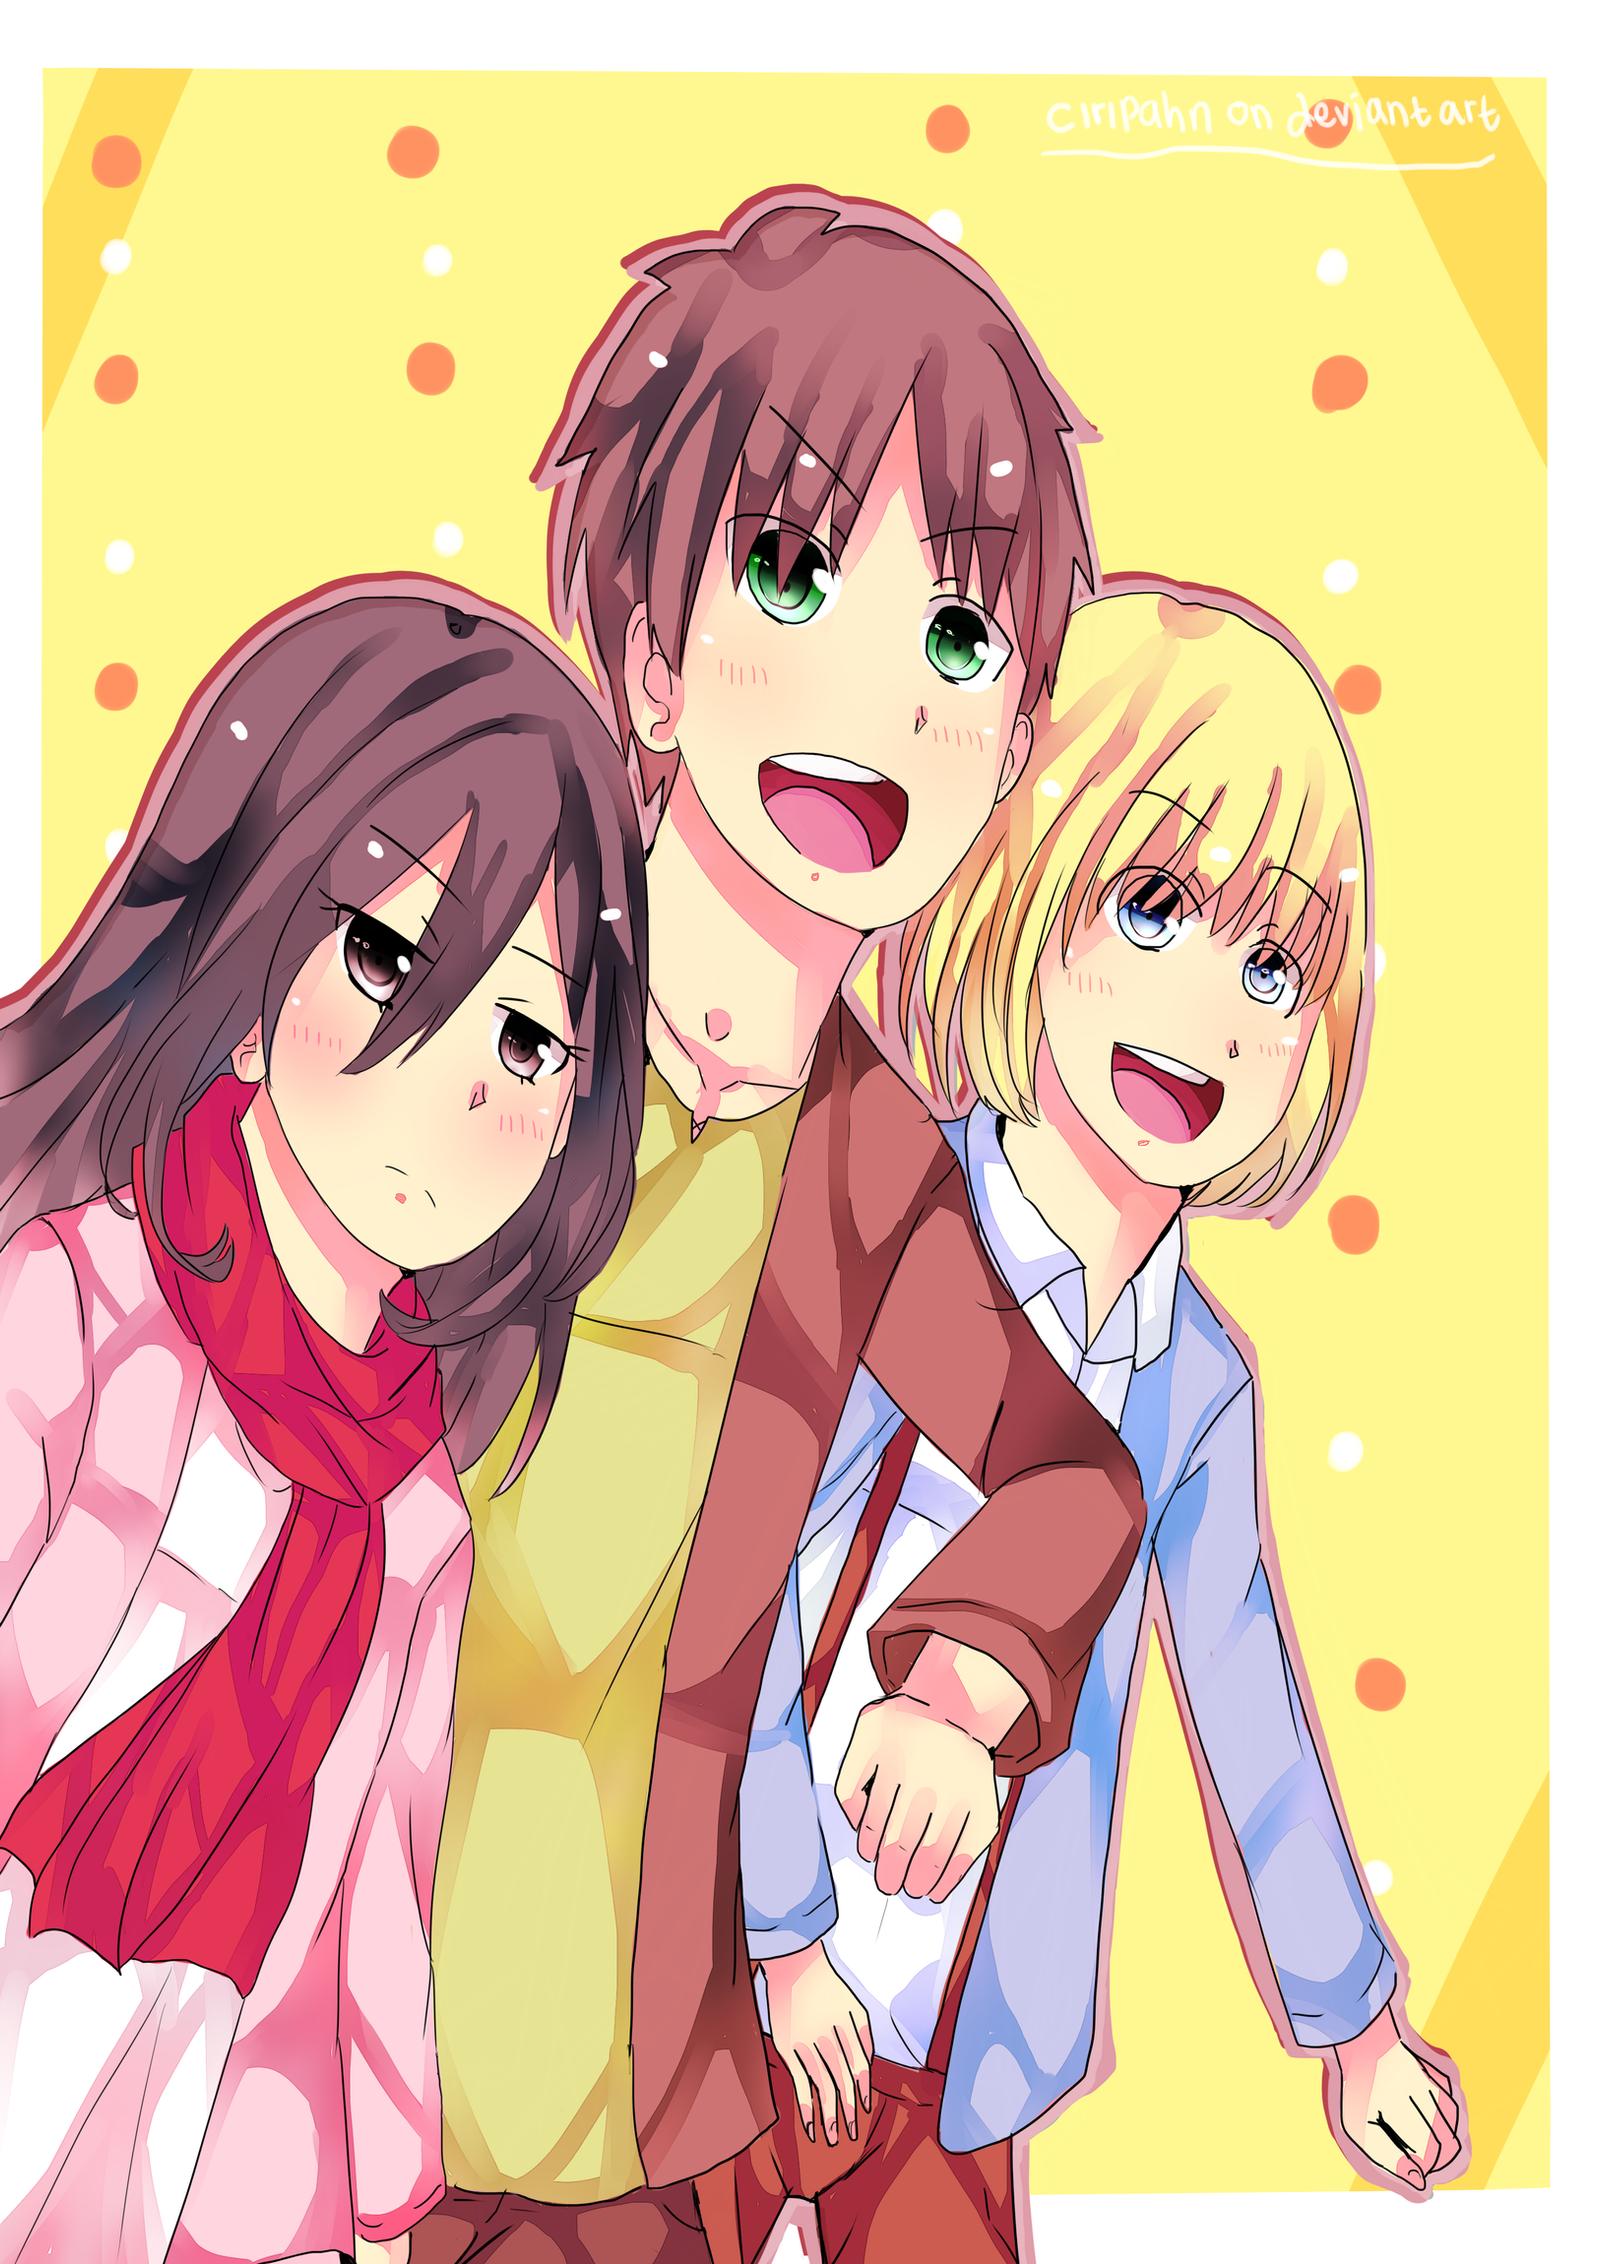 ''-Shingeki No Kyojin=Eren-Mikasa-Armin-'' by ciripahn